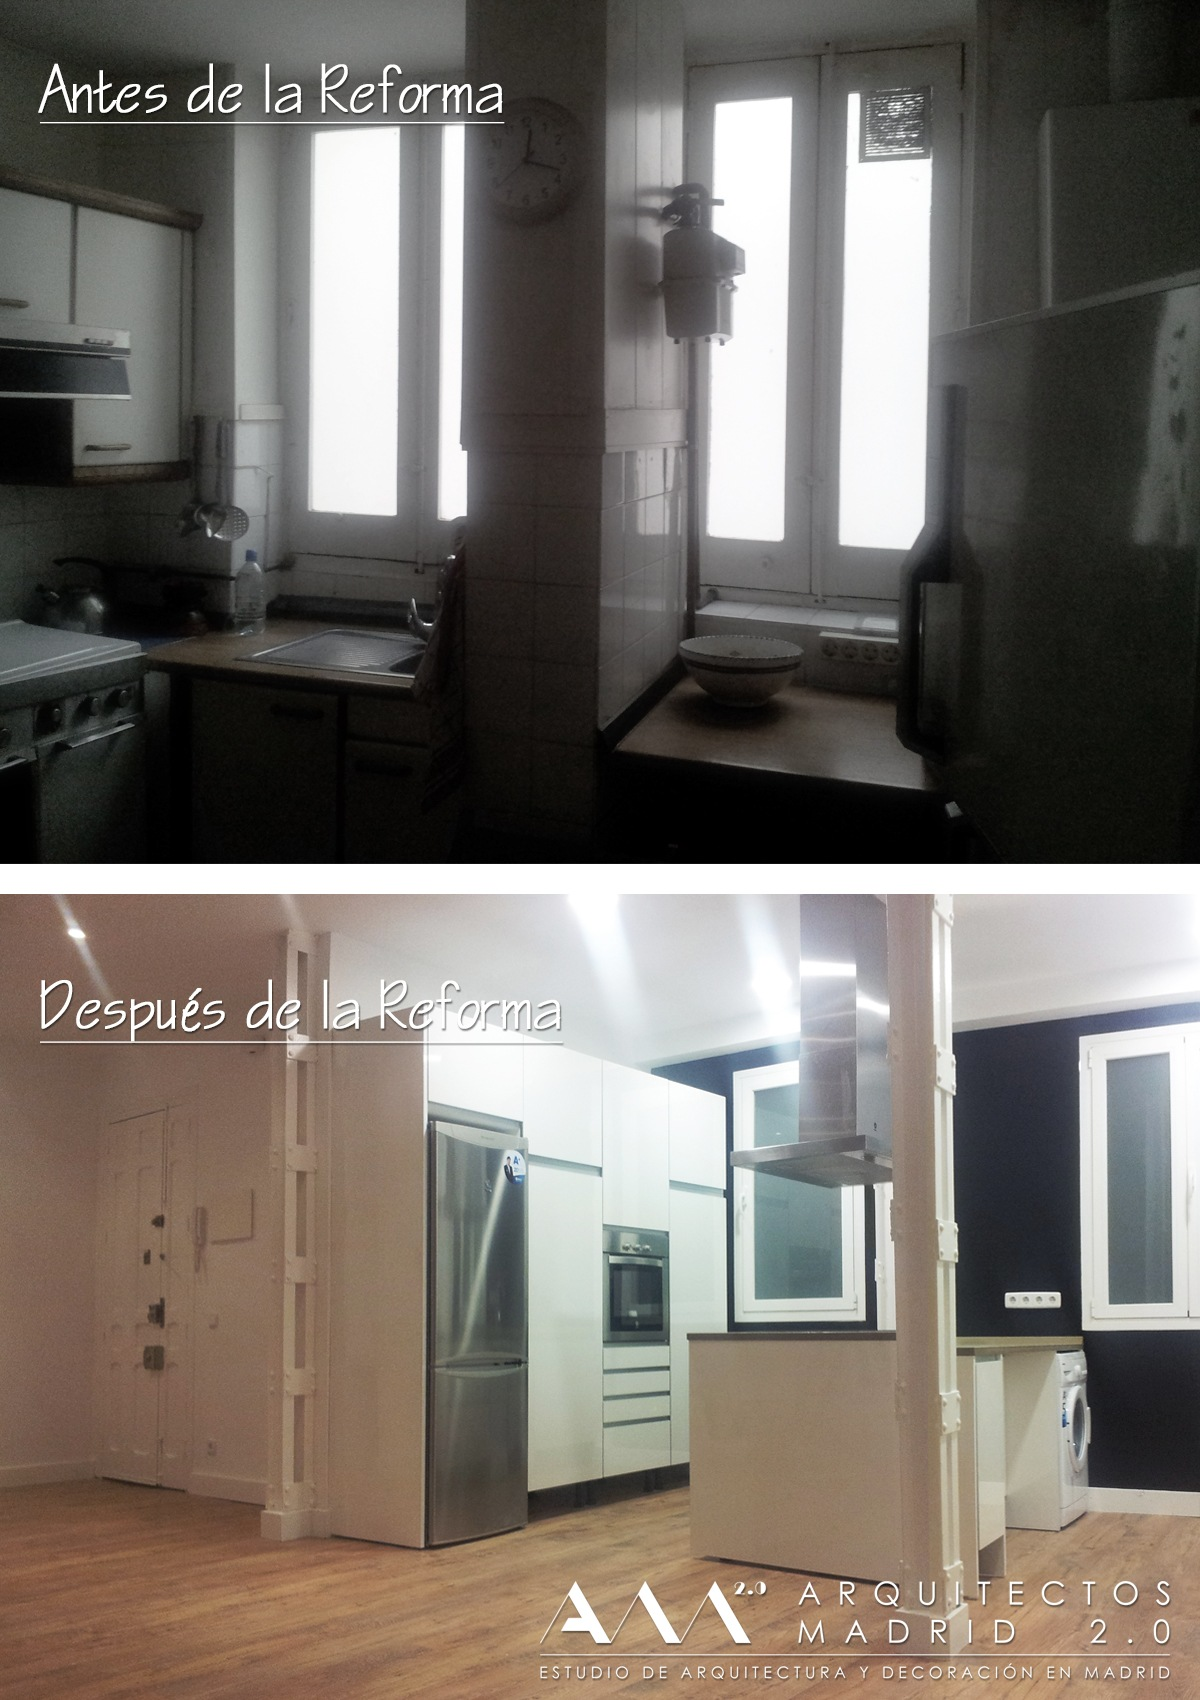 reformas-viviendas-ideas-antes-despues-pisos-casas-obras-13